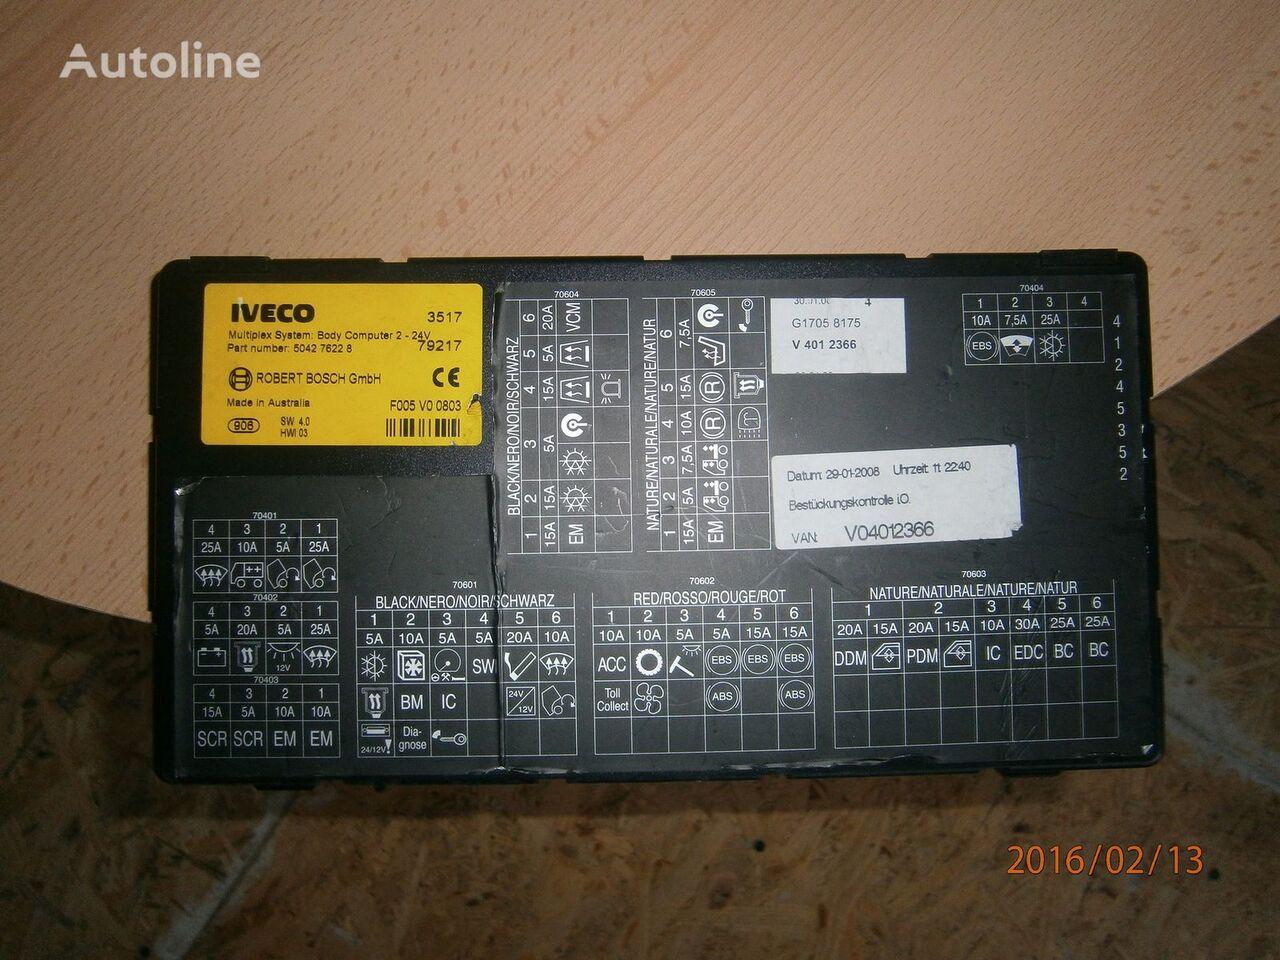 ελκυστήρας IVECO Stralis για μονάδα ελέγχου  Iveco Stralis EURO5 Multiplex system body computer 504276228